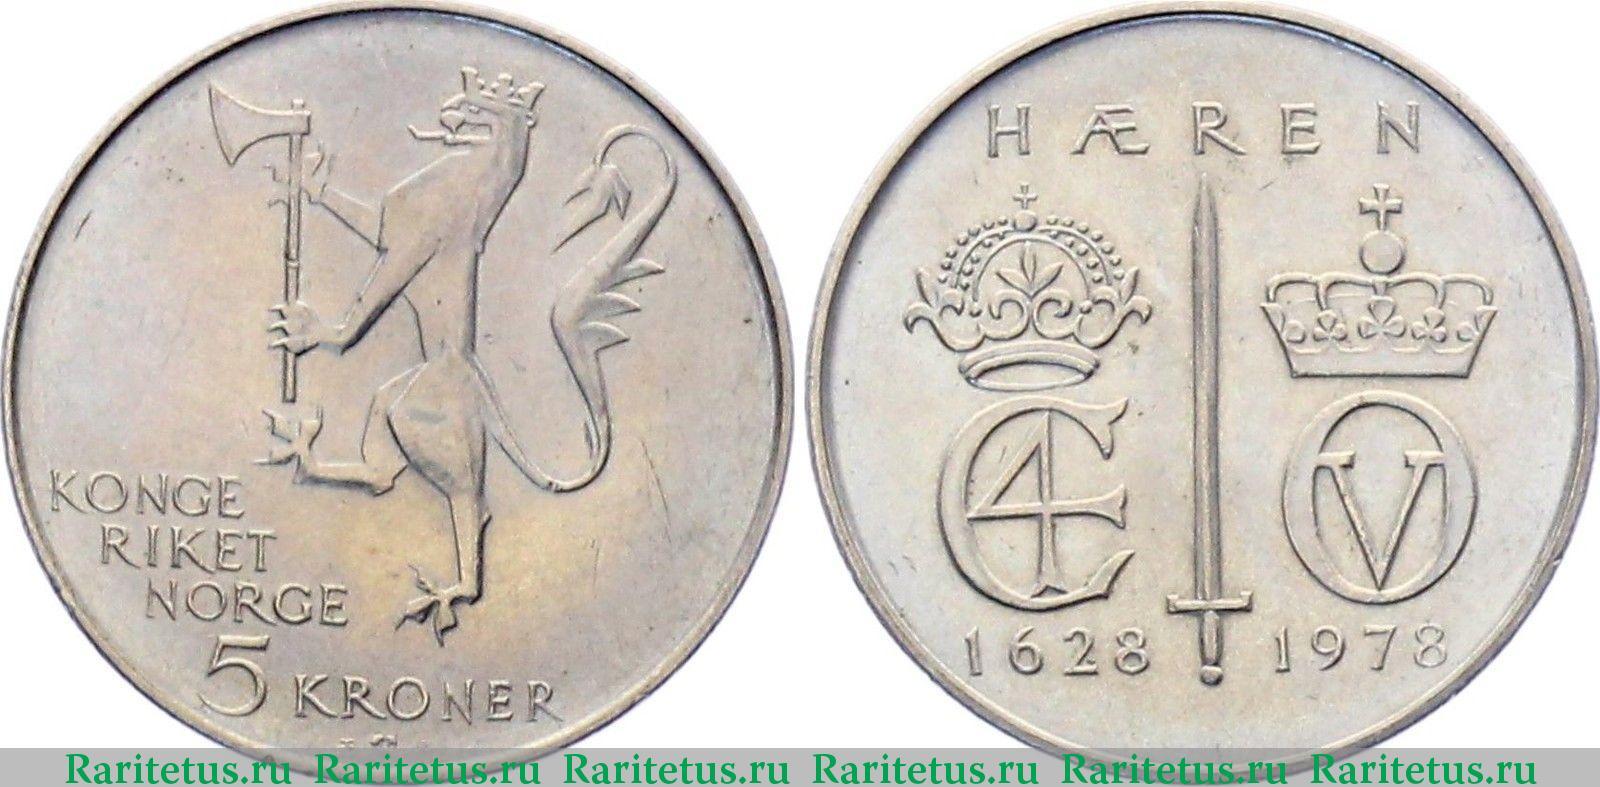 Norwegian Army Norway 5 kroner 1978 350th Anniversary